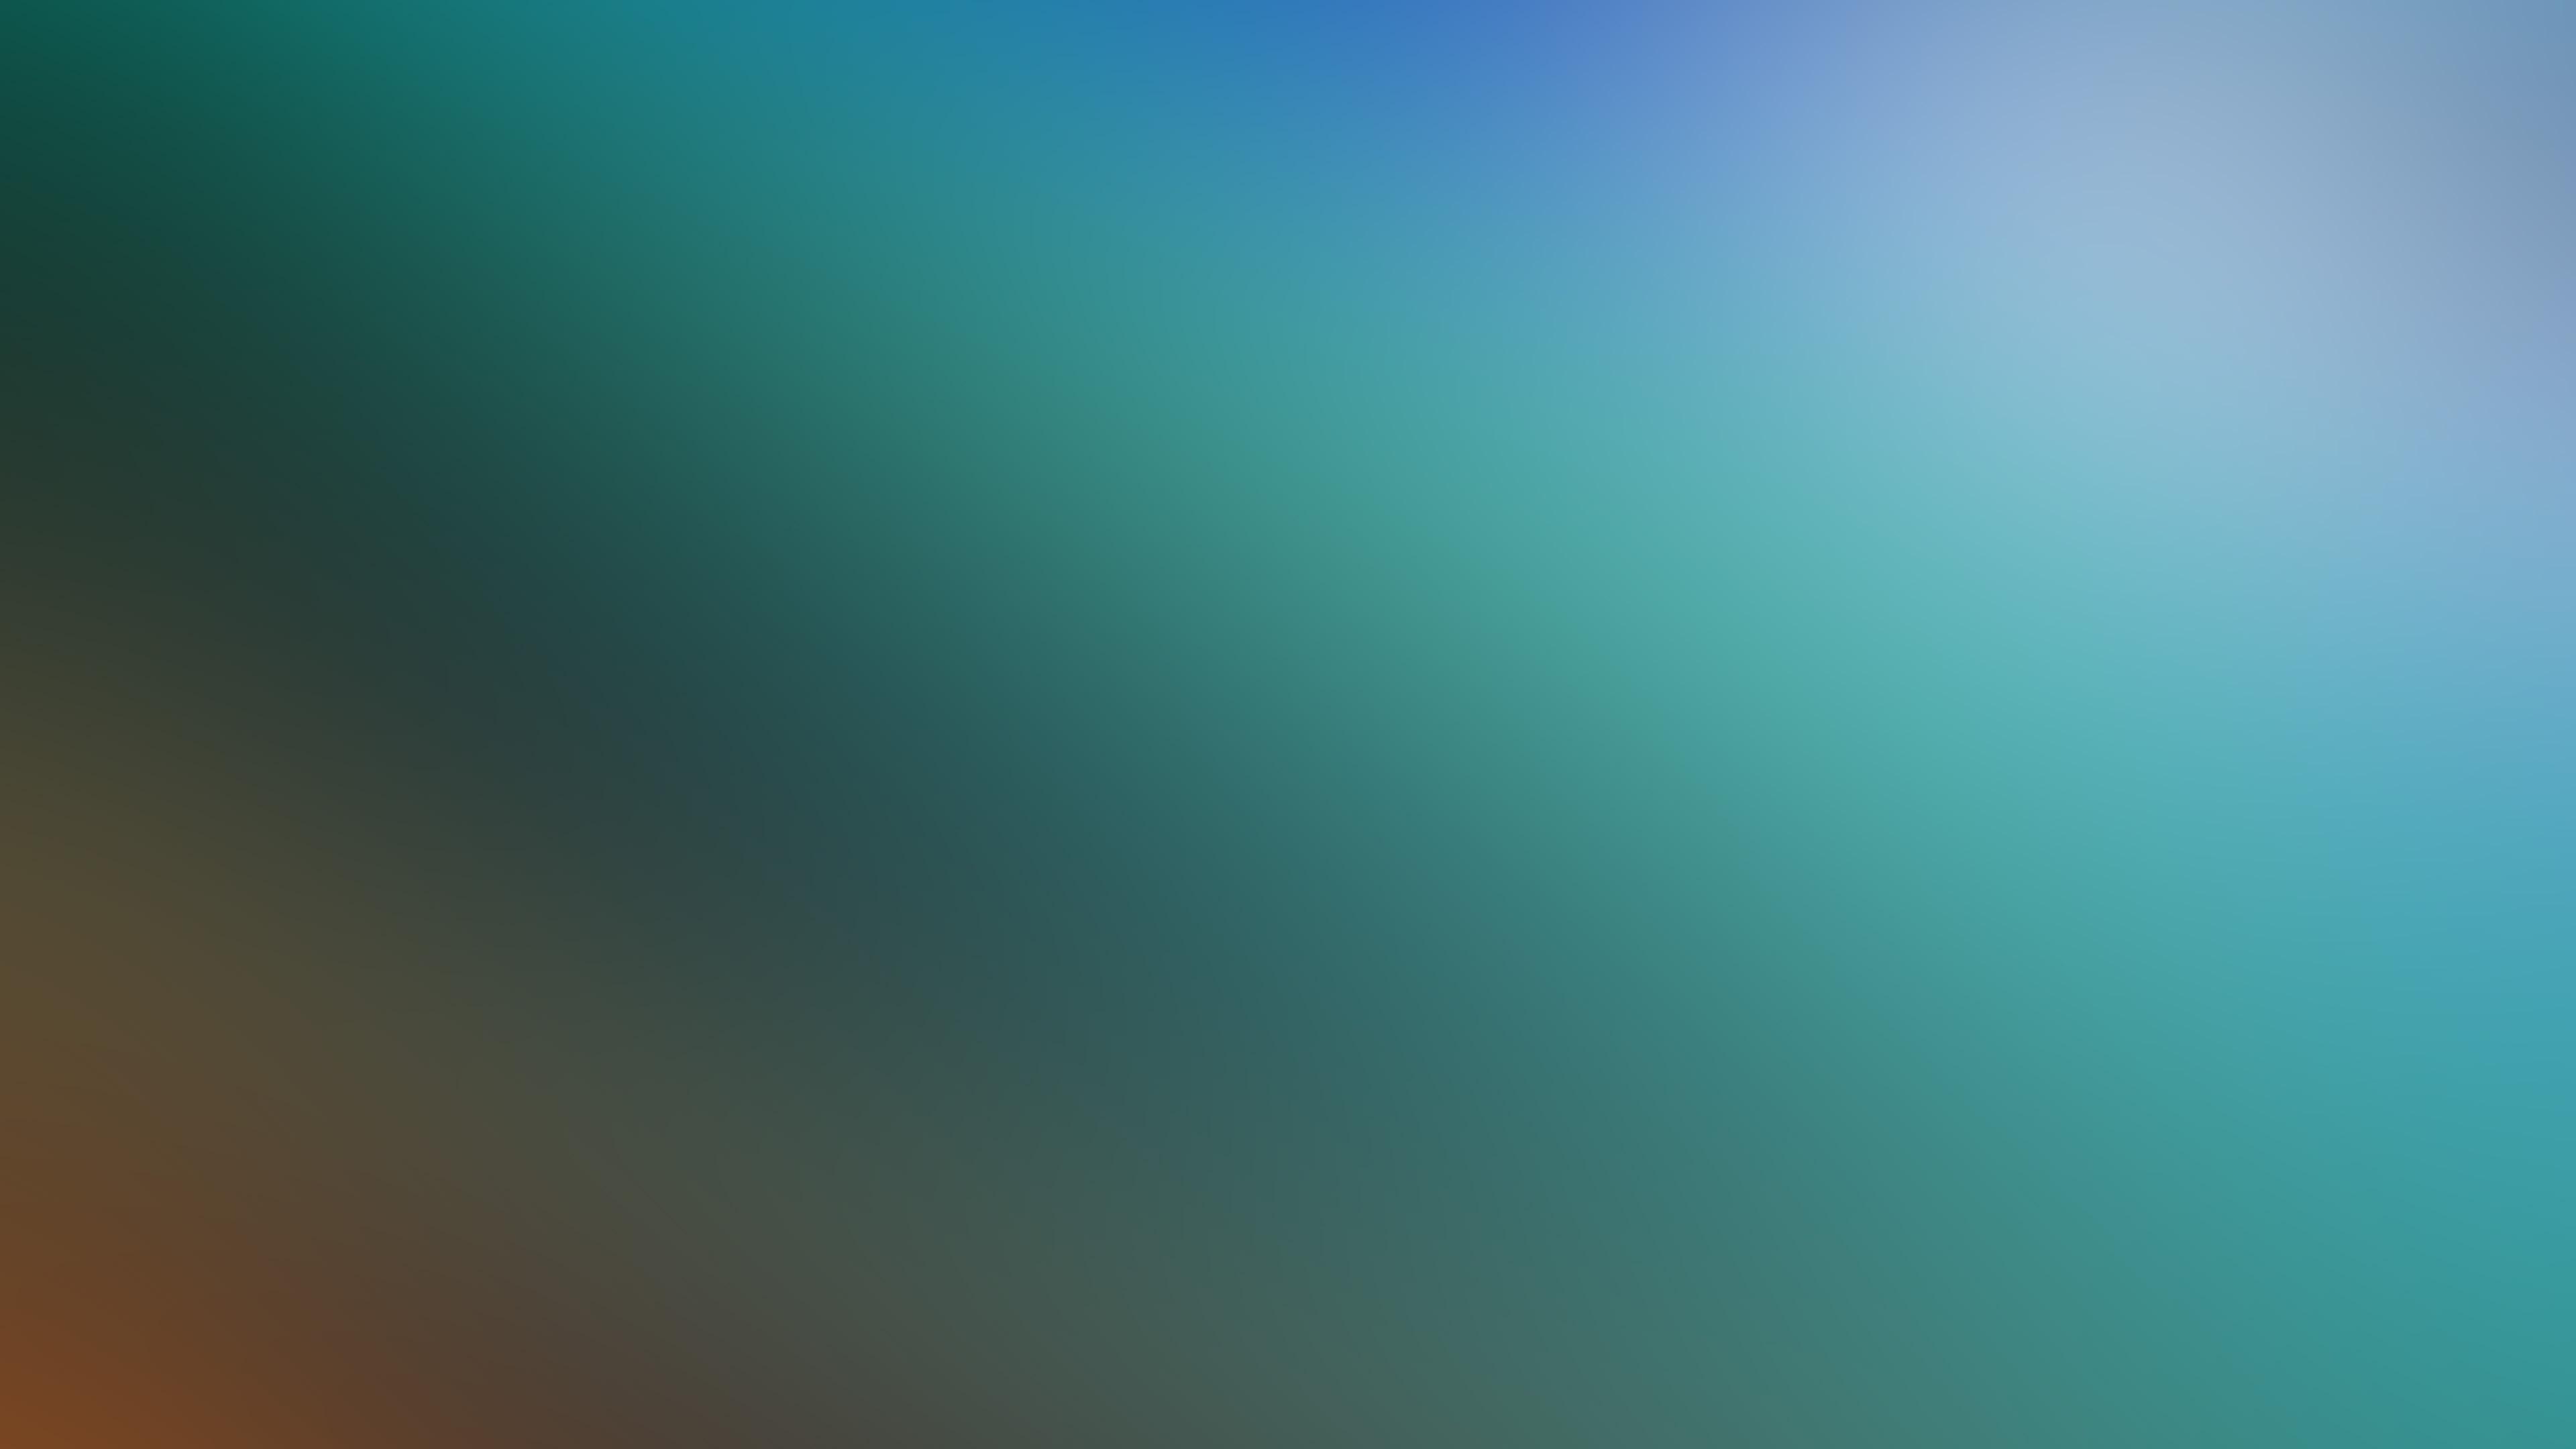 sj03-blue-rainbow-blur-wallpaper